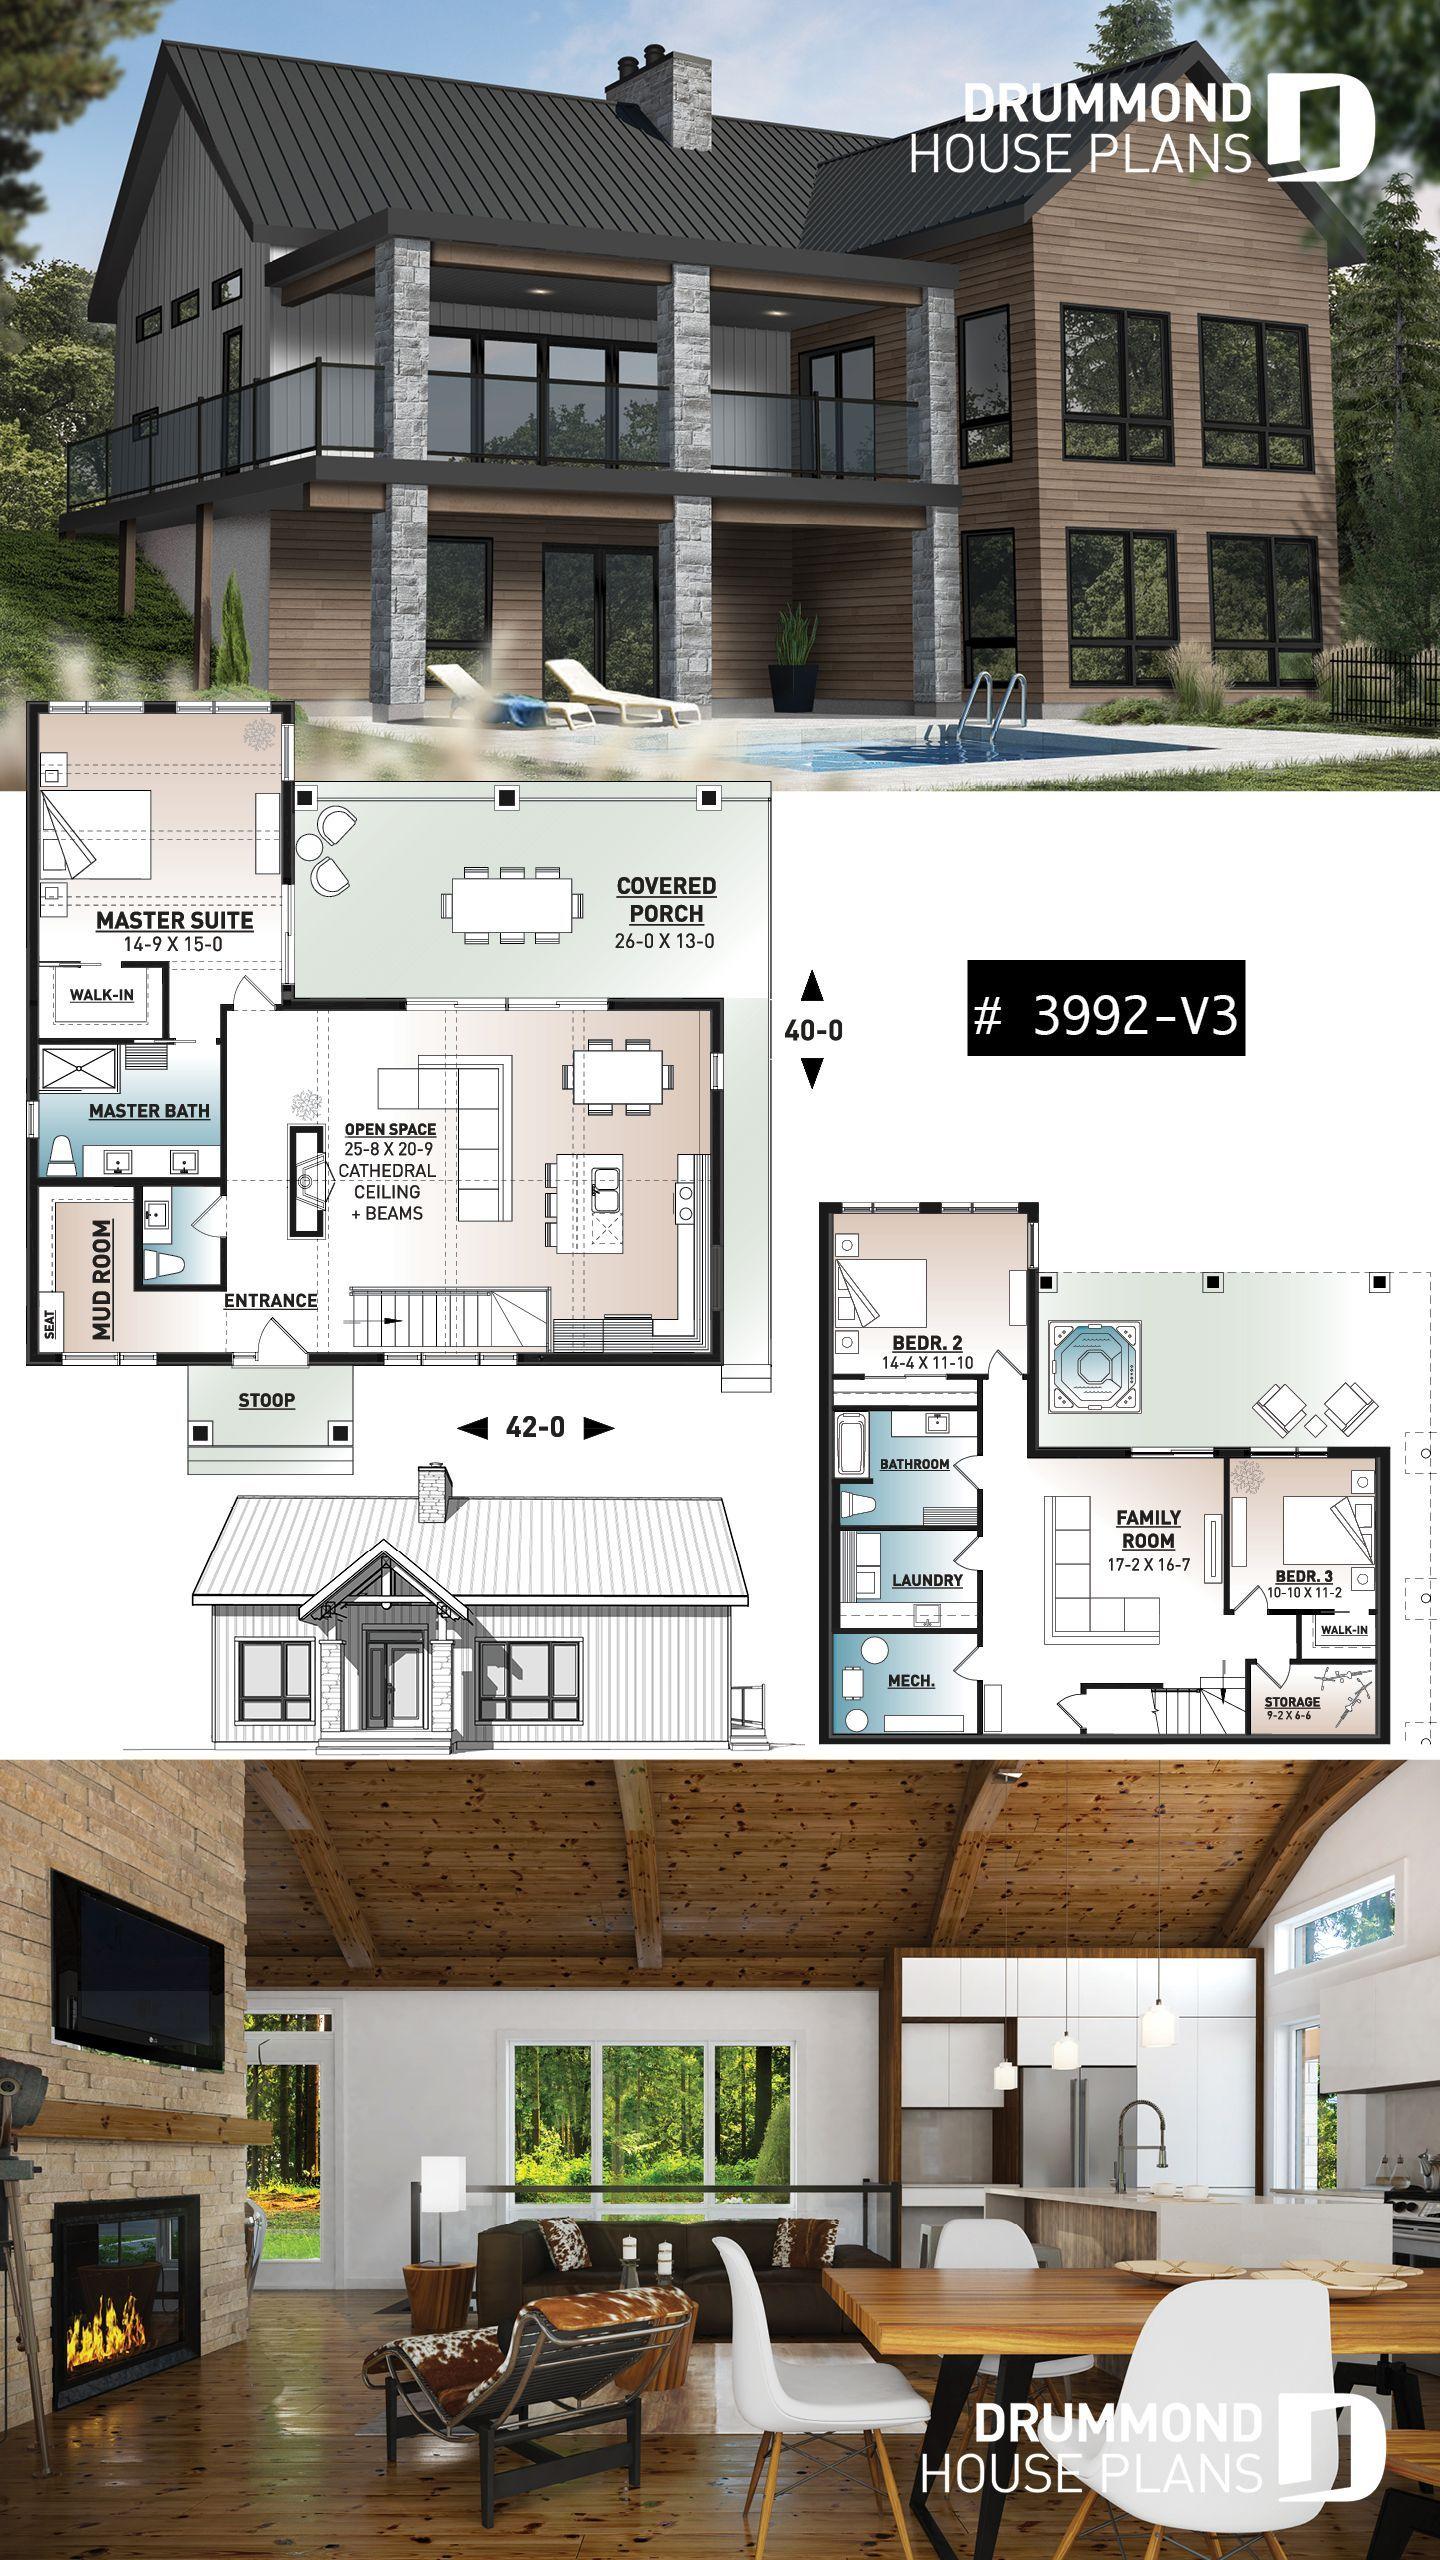 Modern Rustic Cottage Effektive Bilder Die Wir Uber Landscaping Lighting Anbieten Ein Qualitatsbild Cottage Plan Modern Farmhouse Plans Sims House Plans